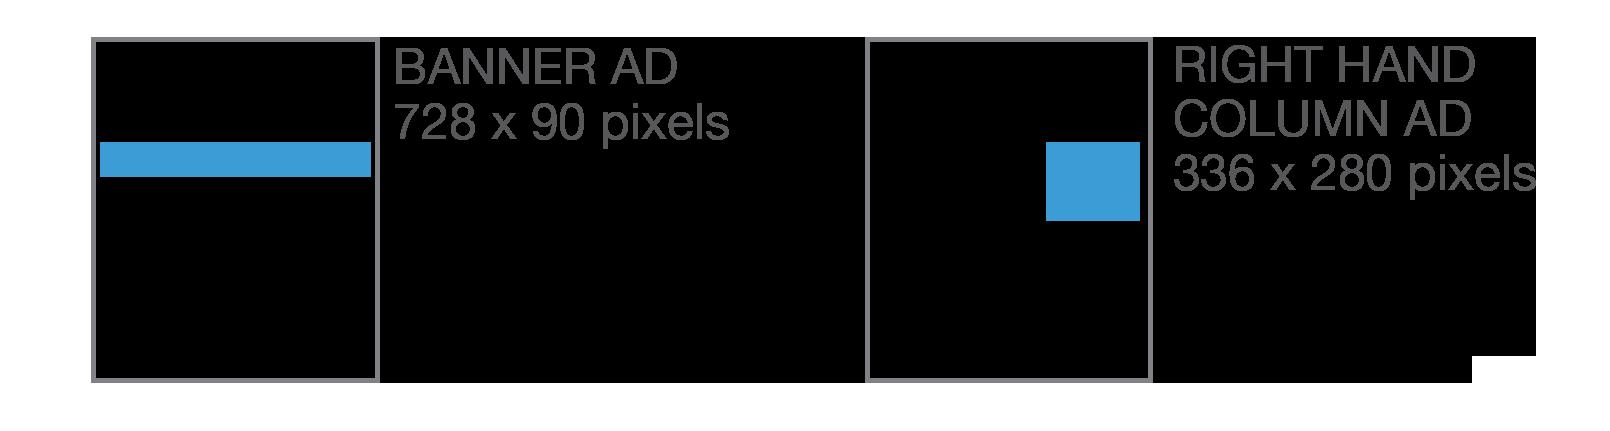 Ad Sizes 2017